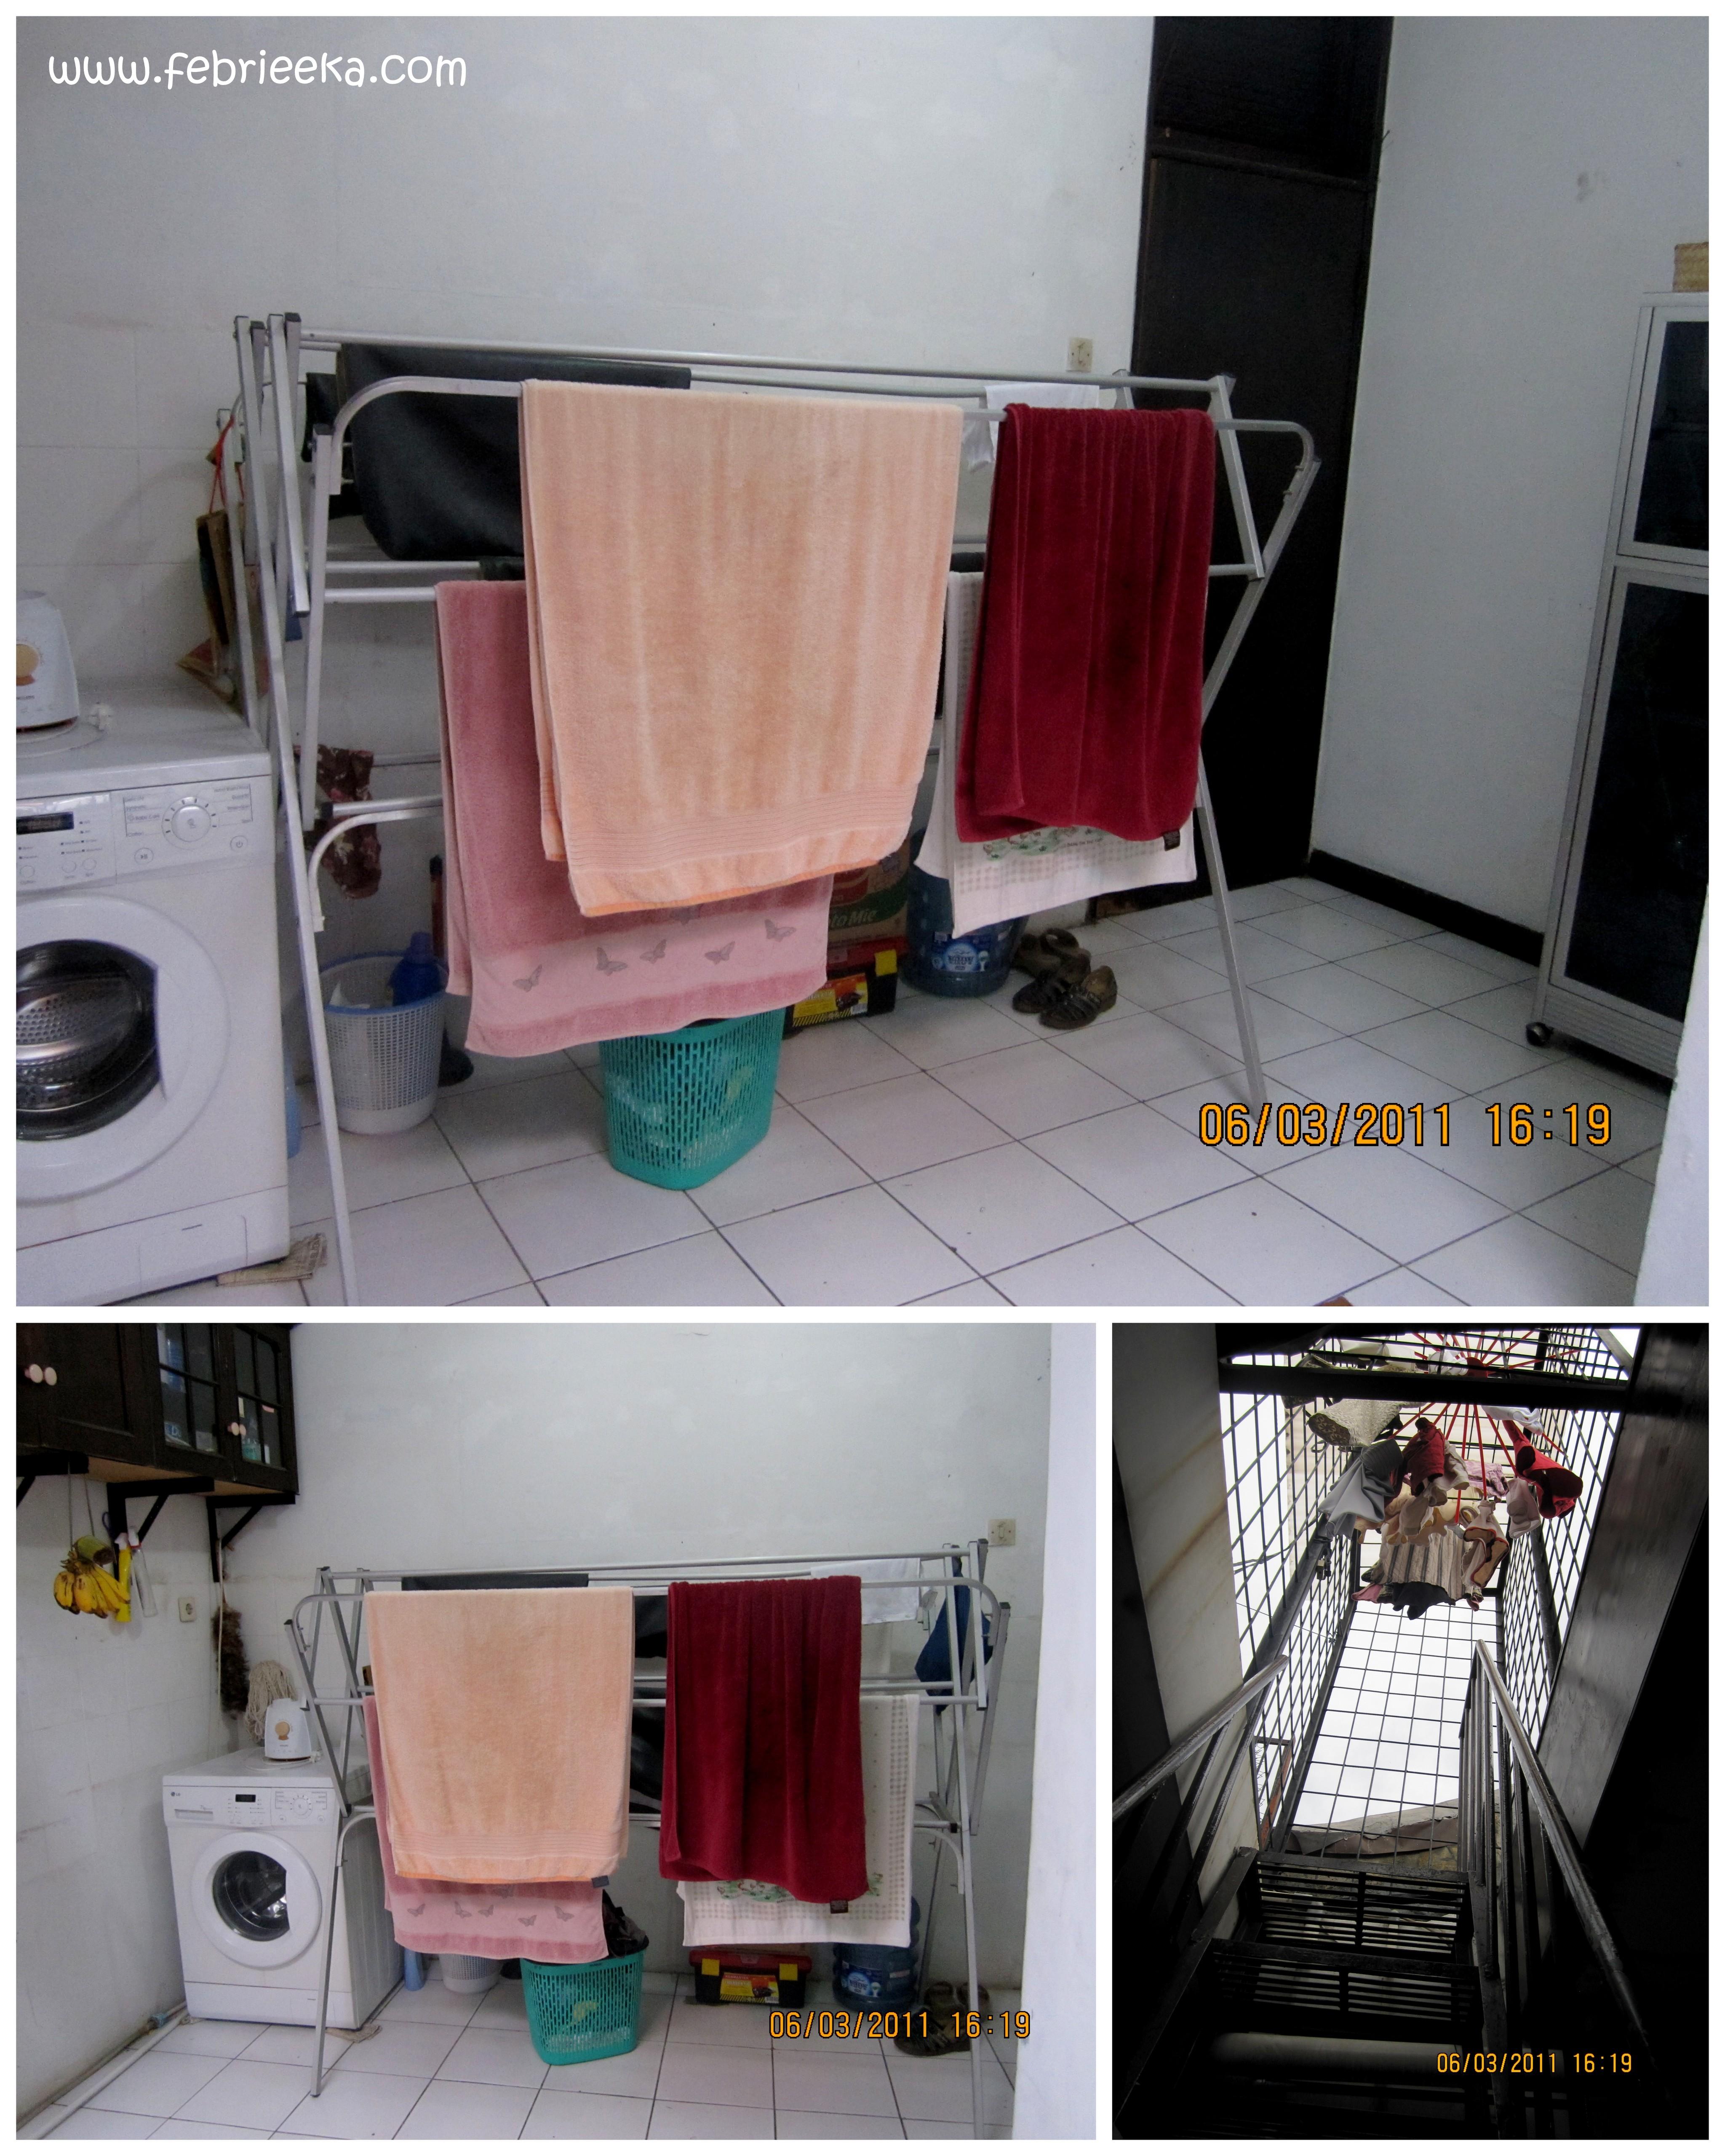 Desain Dapur Dan Tempat Cuci Baju